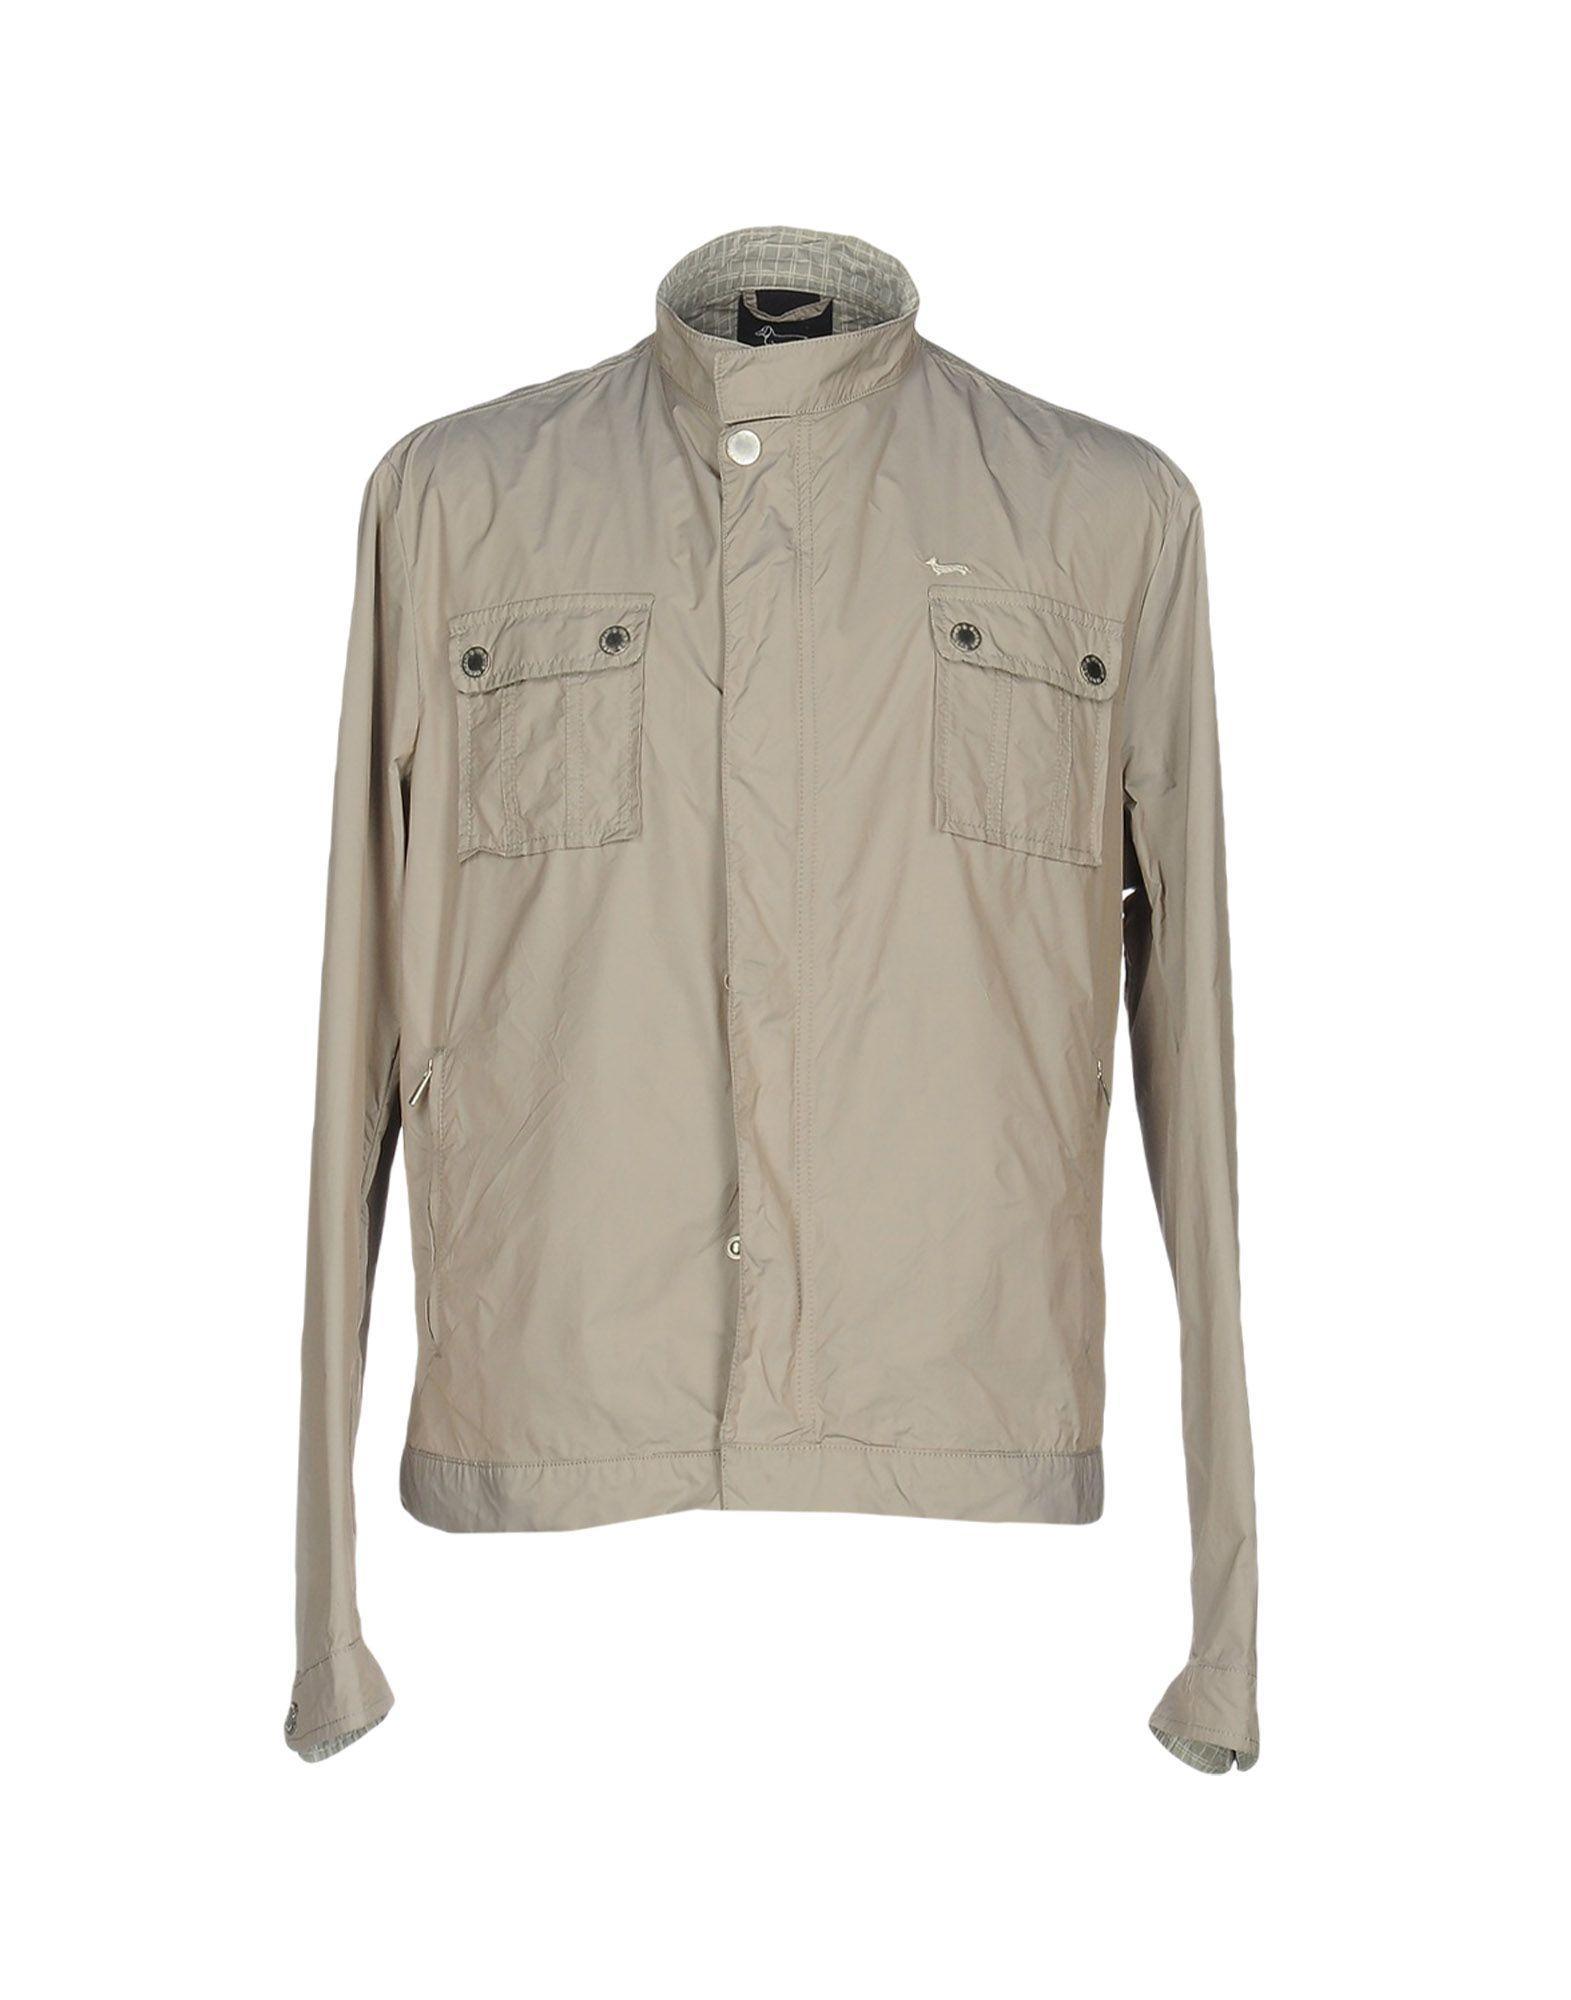 harmont and blaine jacket - photo #5